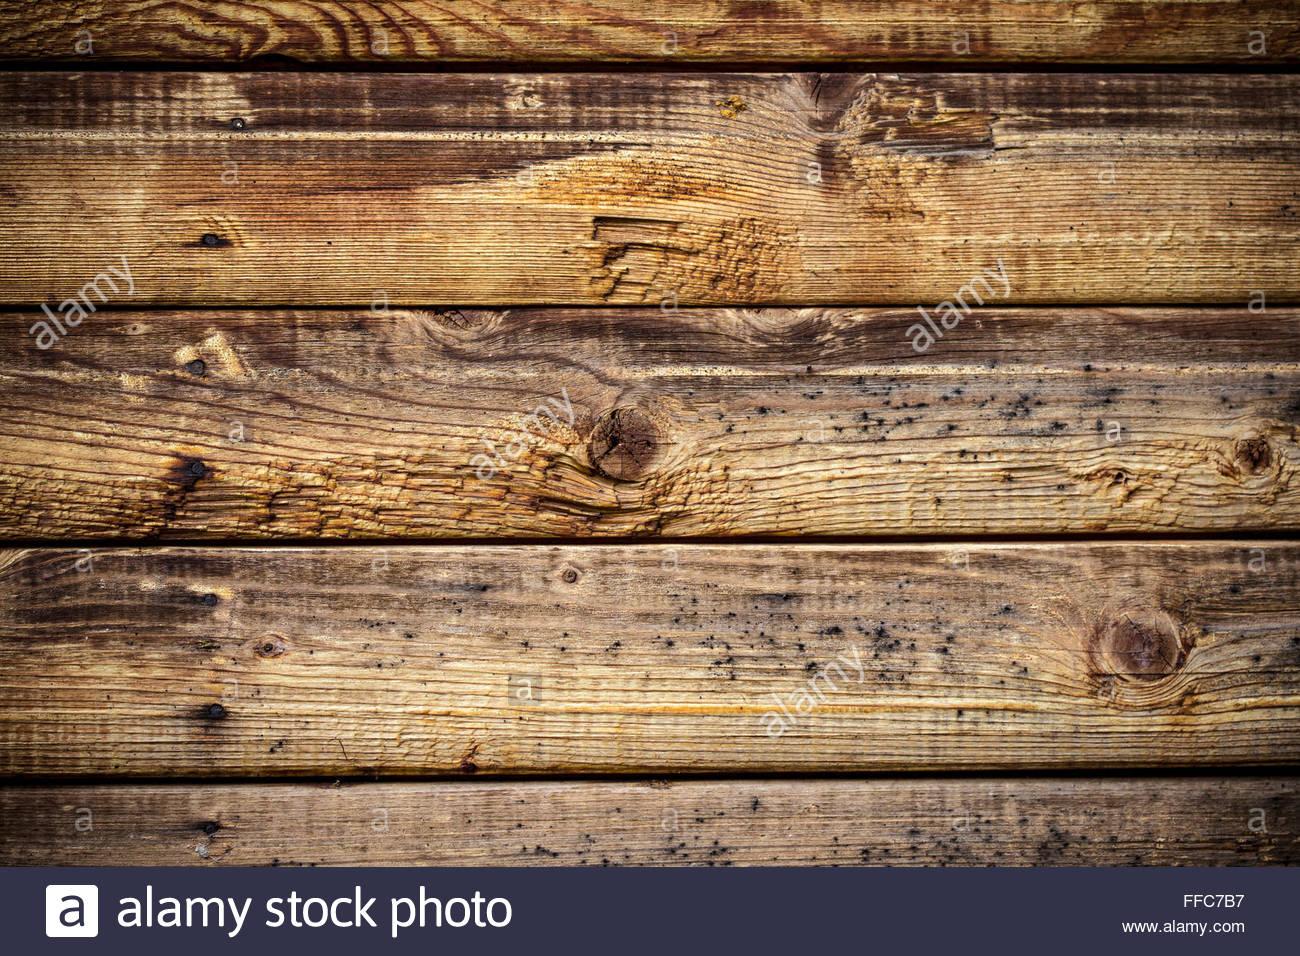 Weathered Wood Background Stock Photos Weathered Wood Background 1300x956